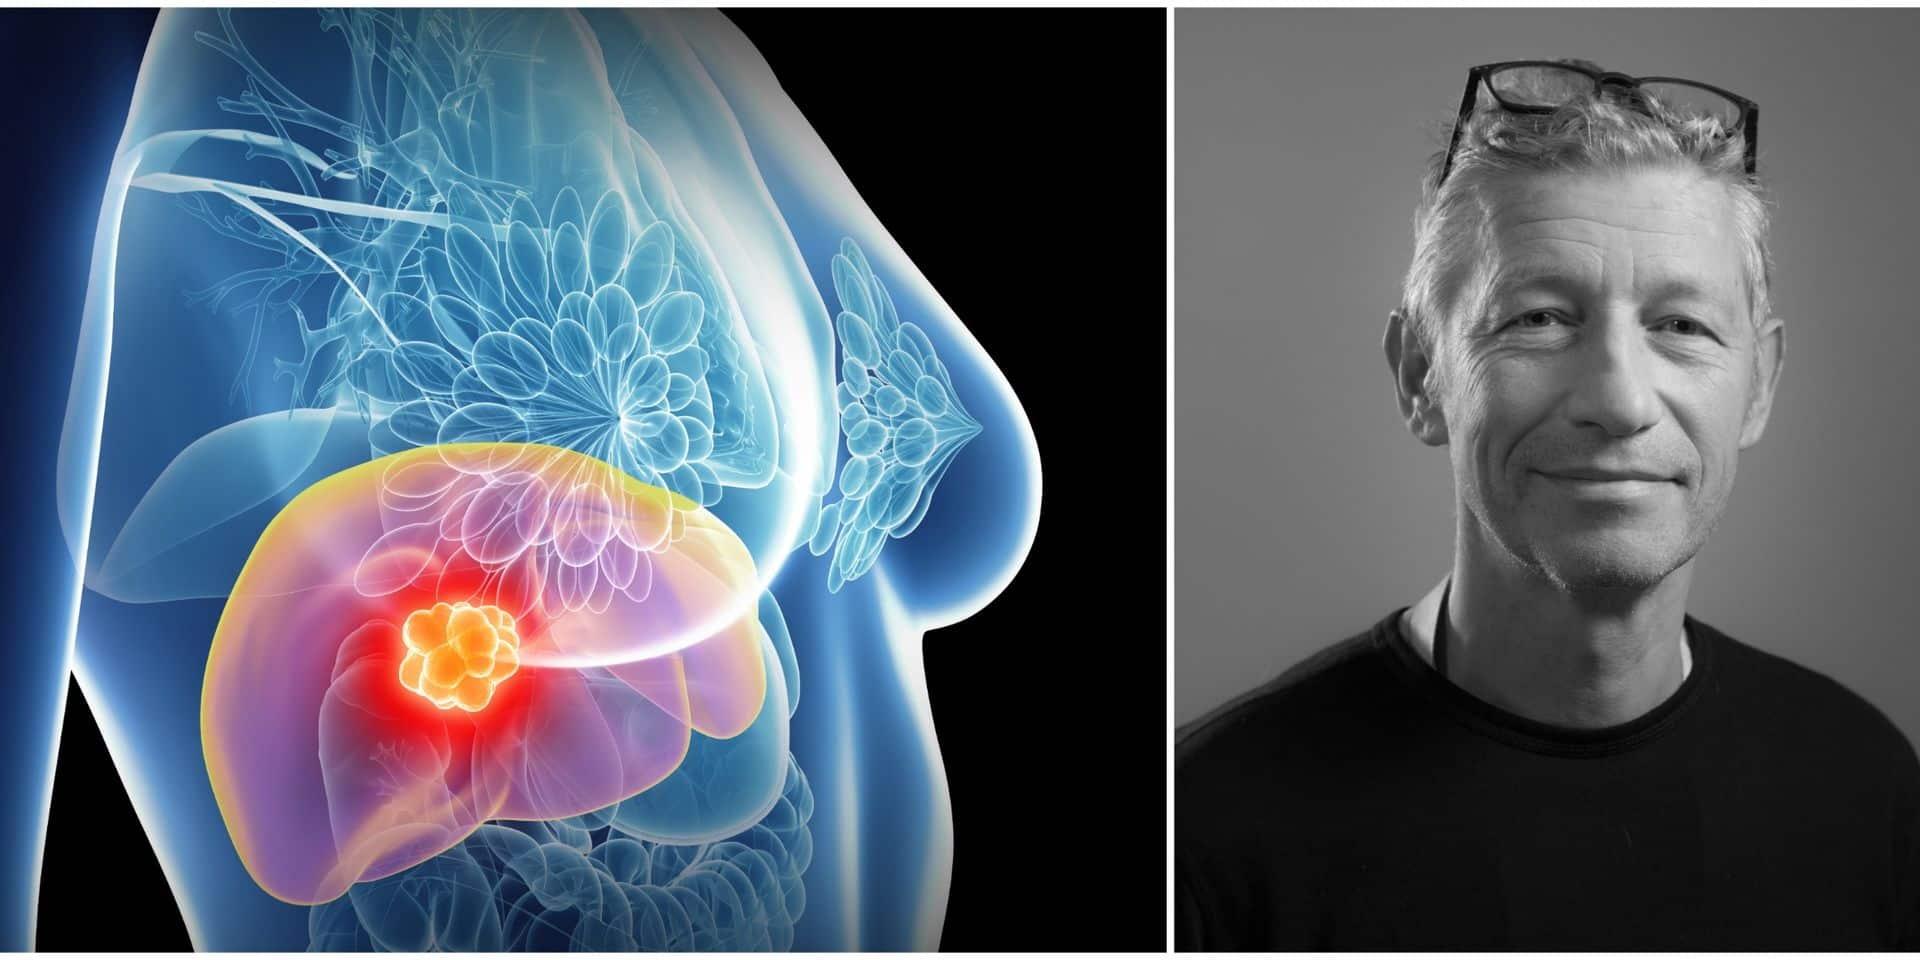 De nouvelles perspectives pour les patientes souffrant de cancer du sein avec métastases hépatiques